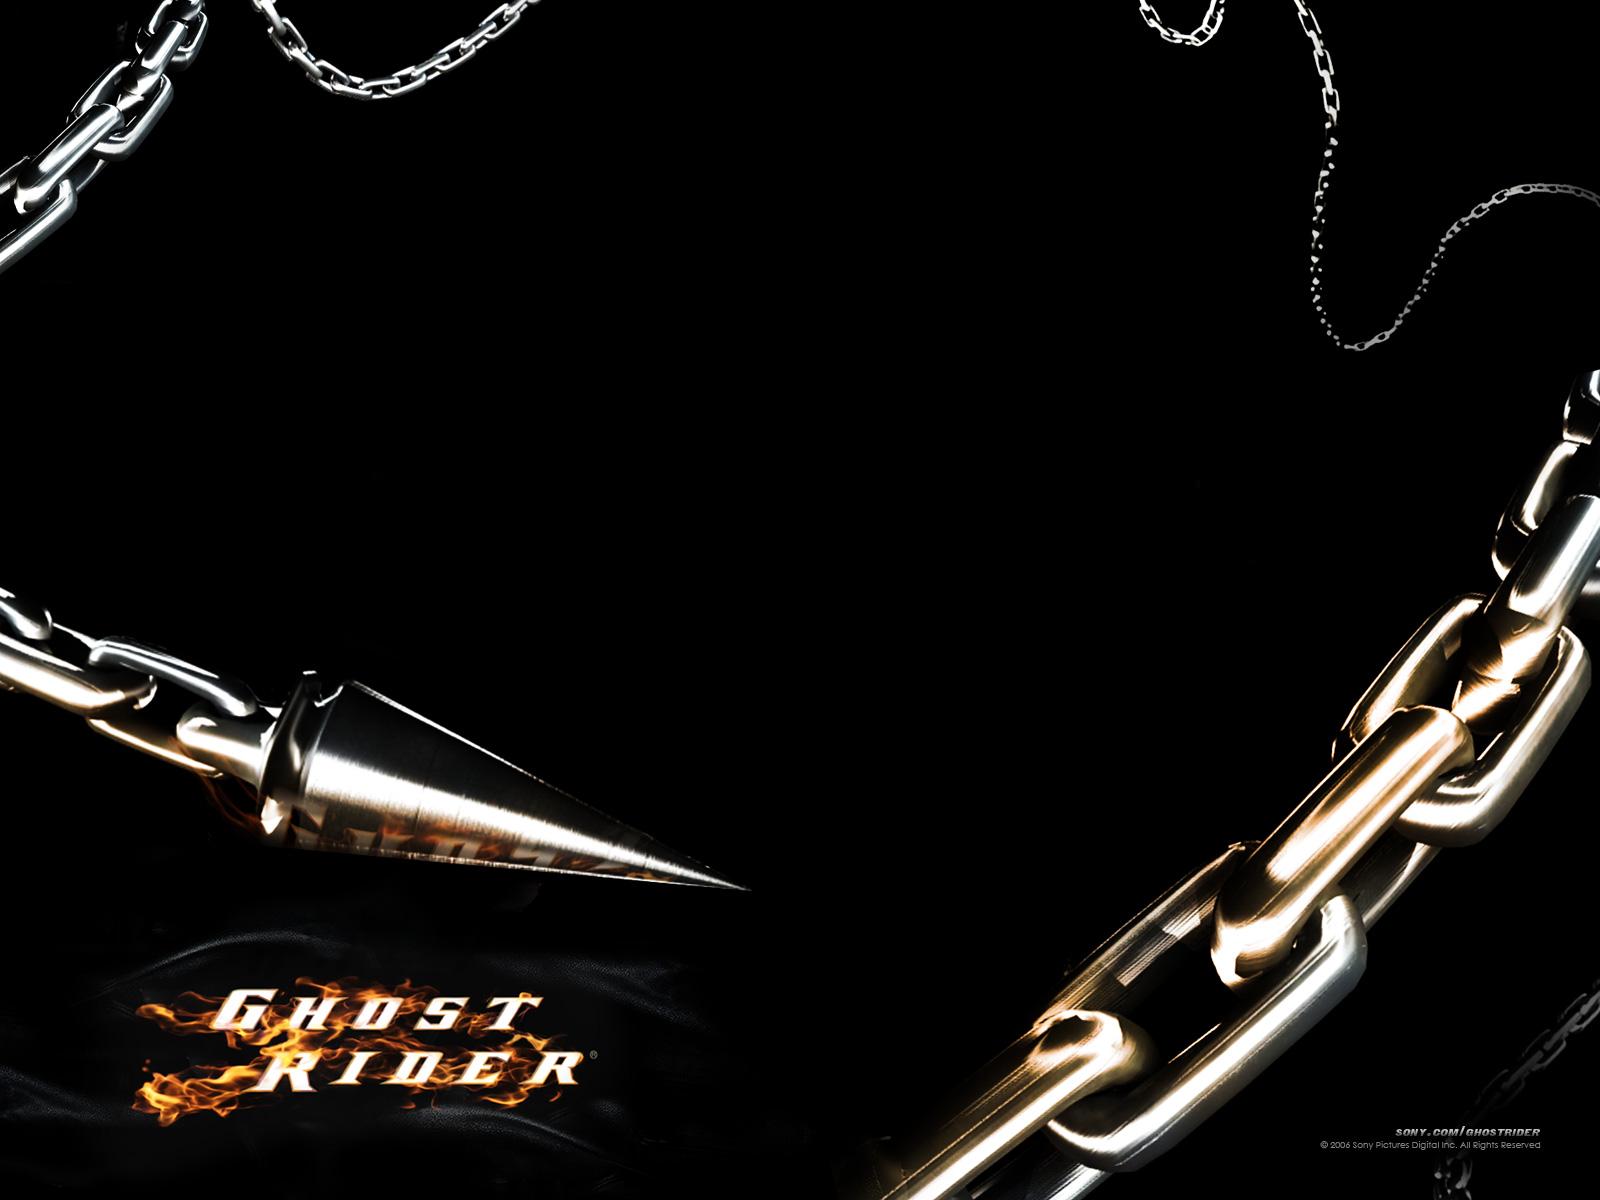 Ghost Rider Chain 1600x1200